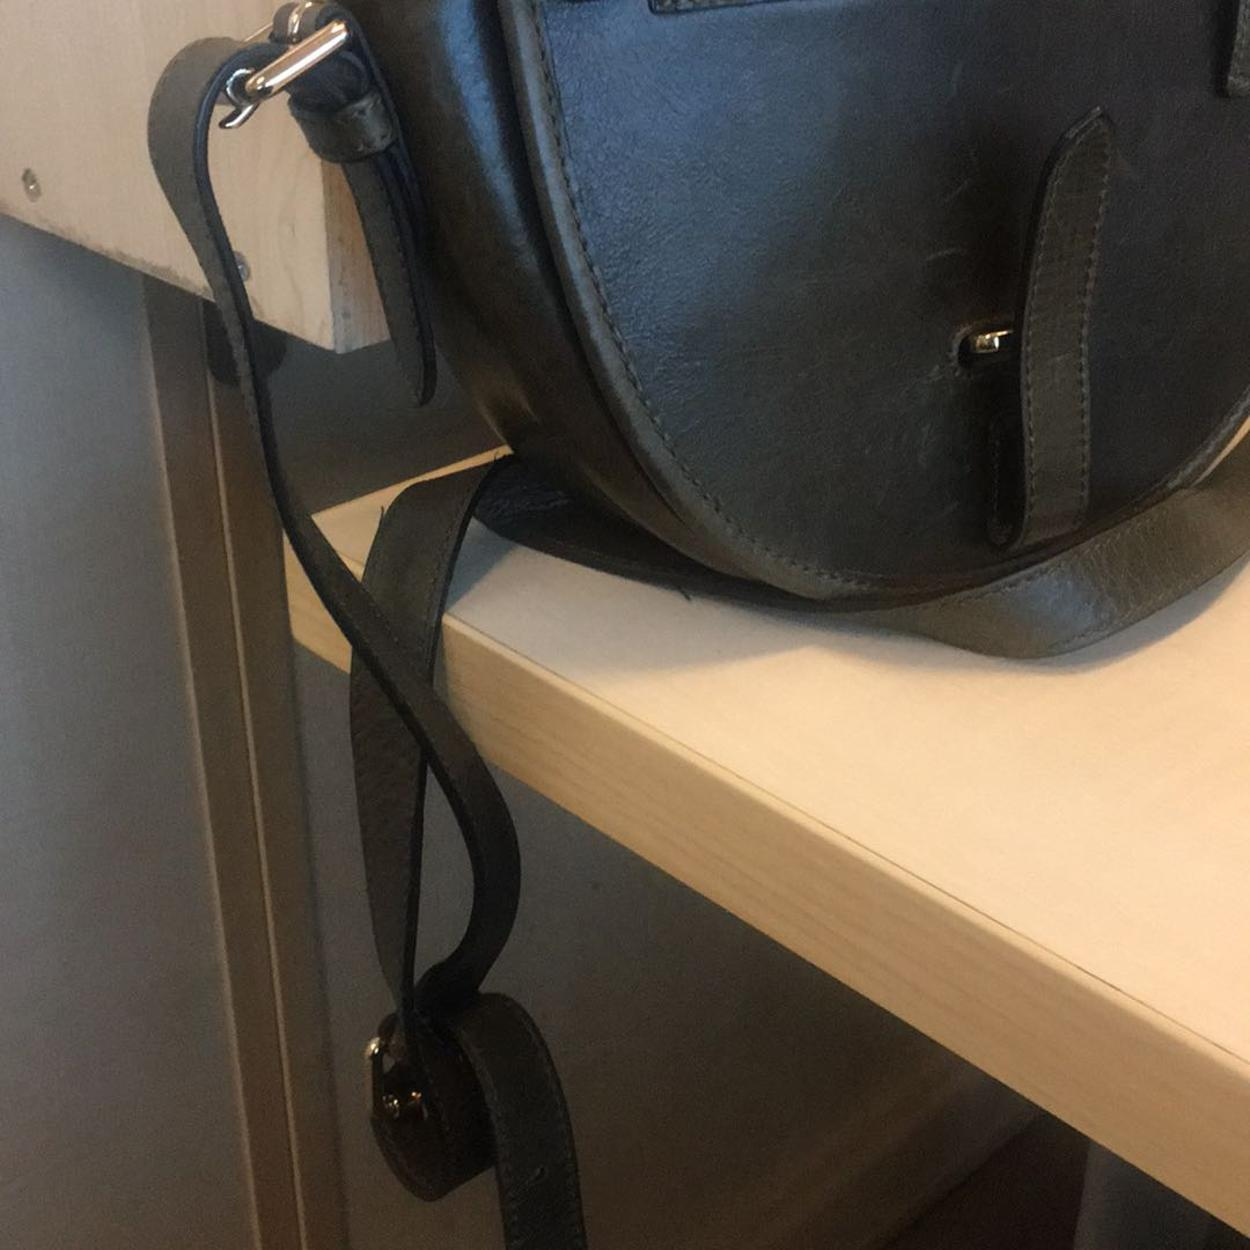 Network Askılı çanta